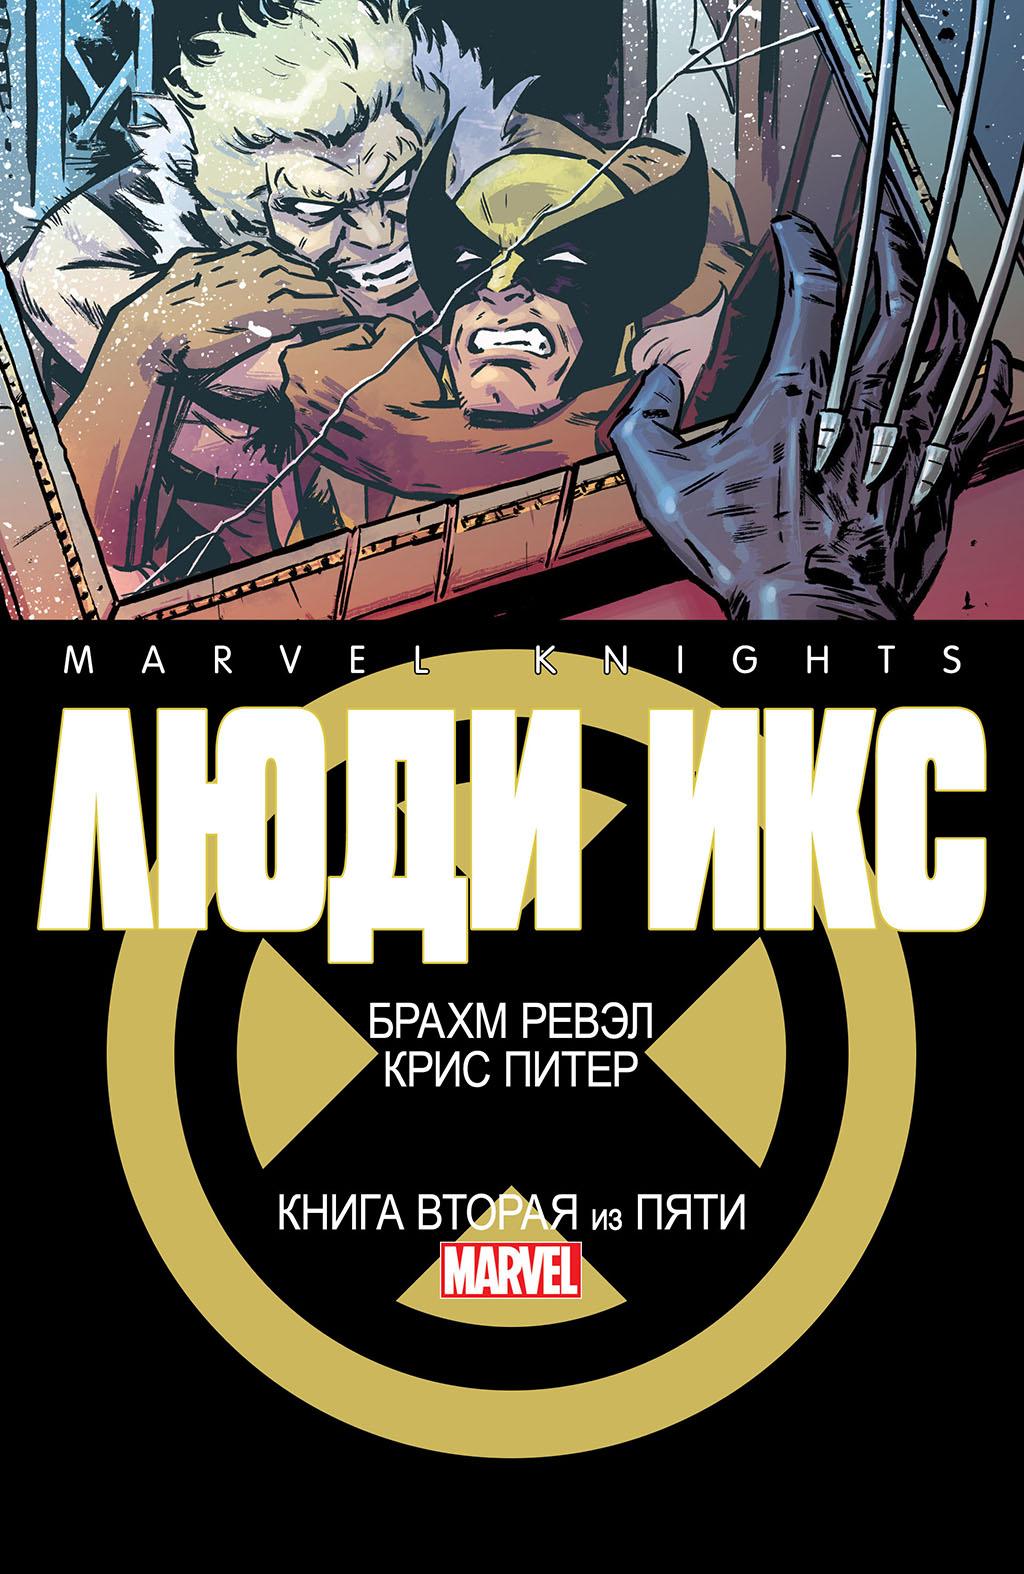 Комикс Рыцари Марвел: Люди Икс